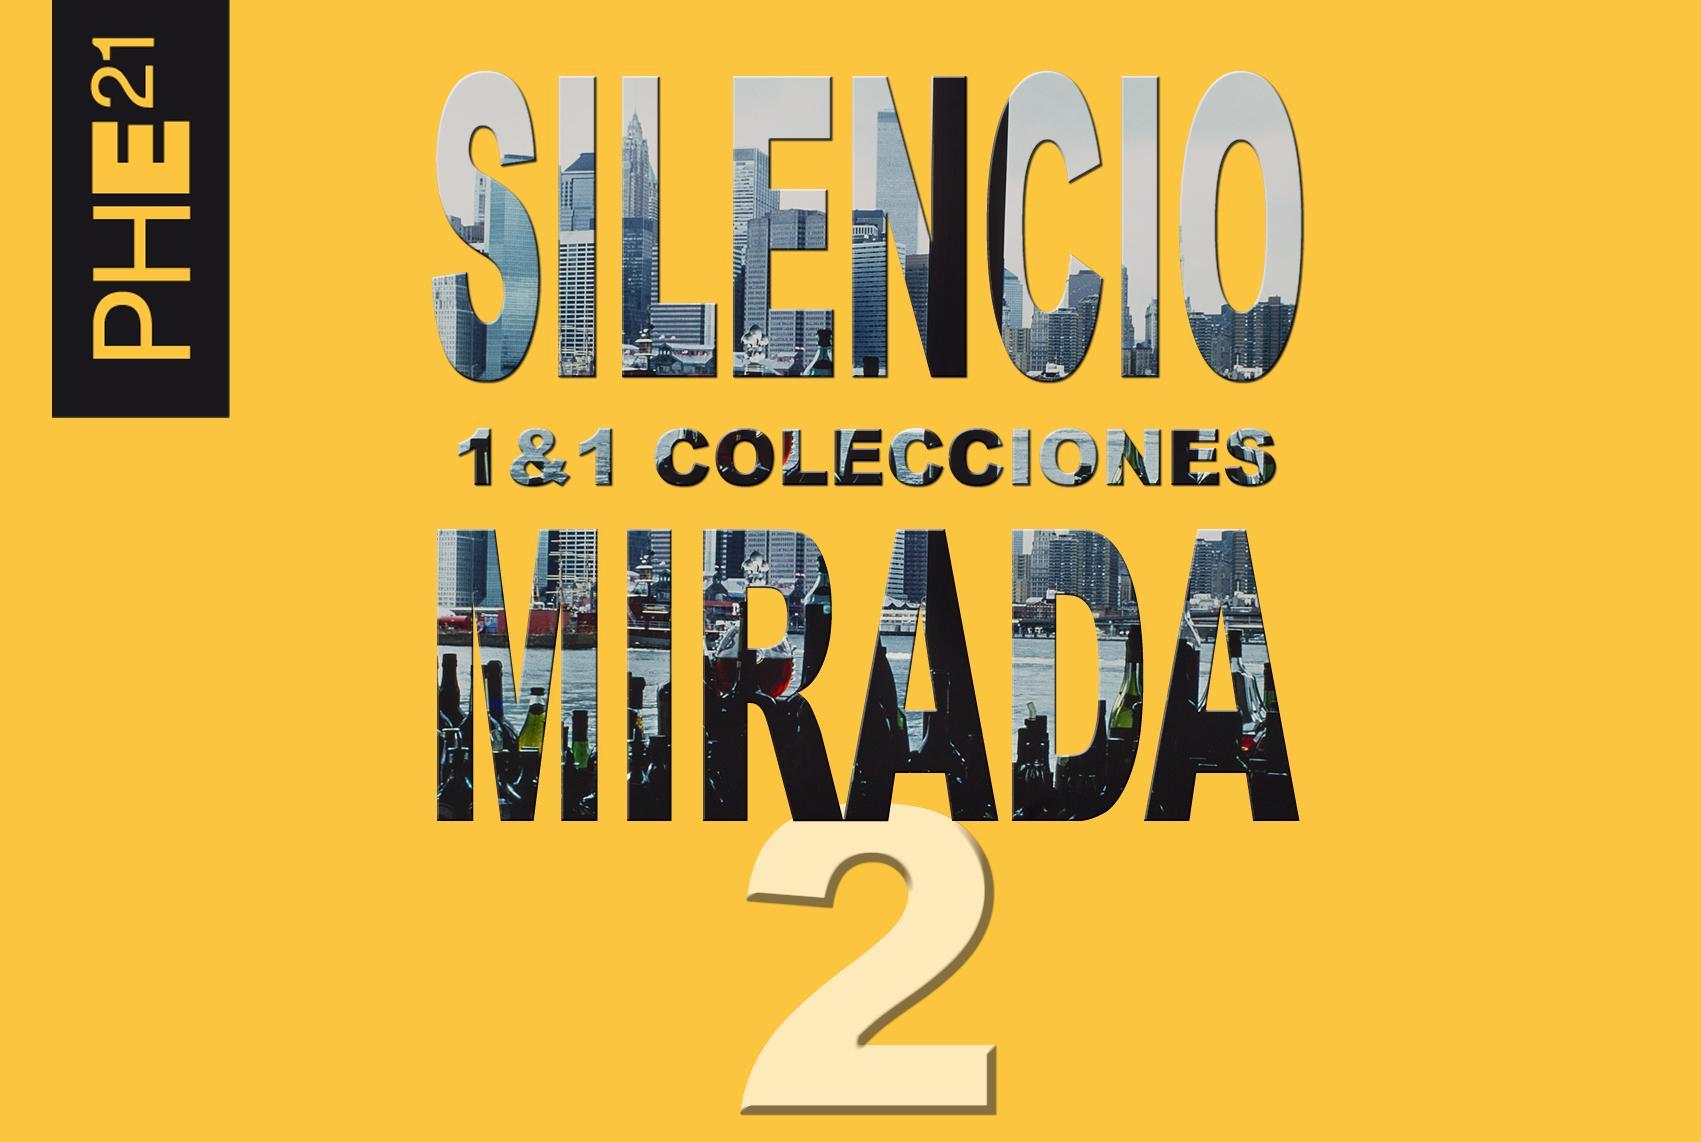 Colecciones 1 & 1 / Silencio y mirada 2